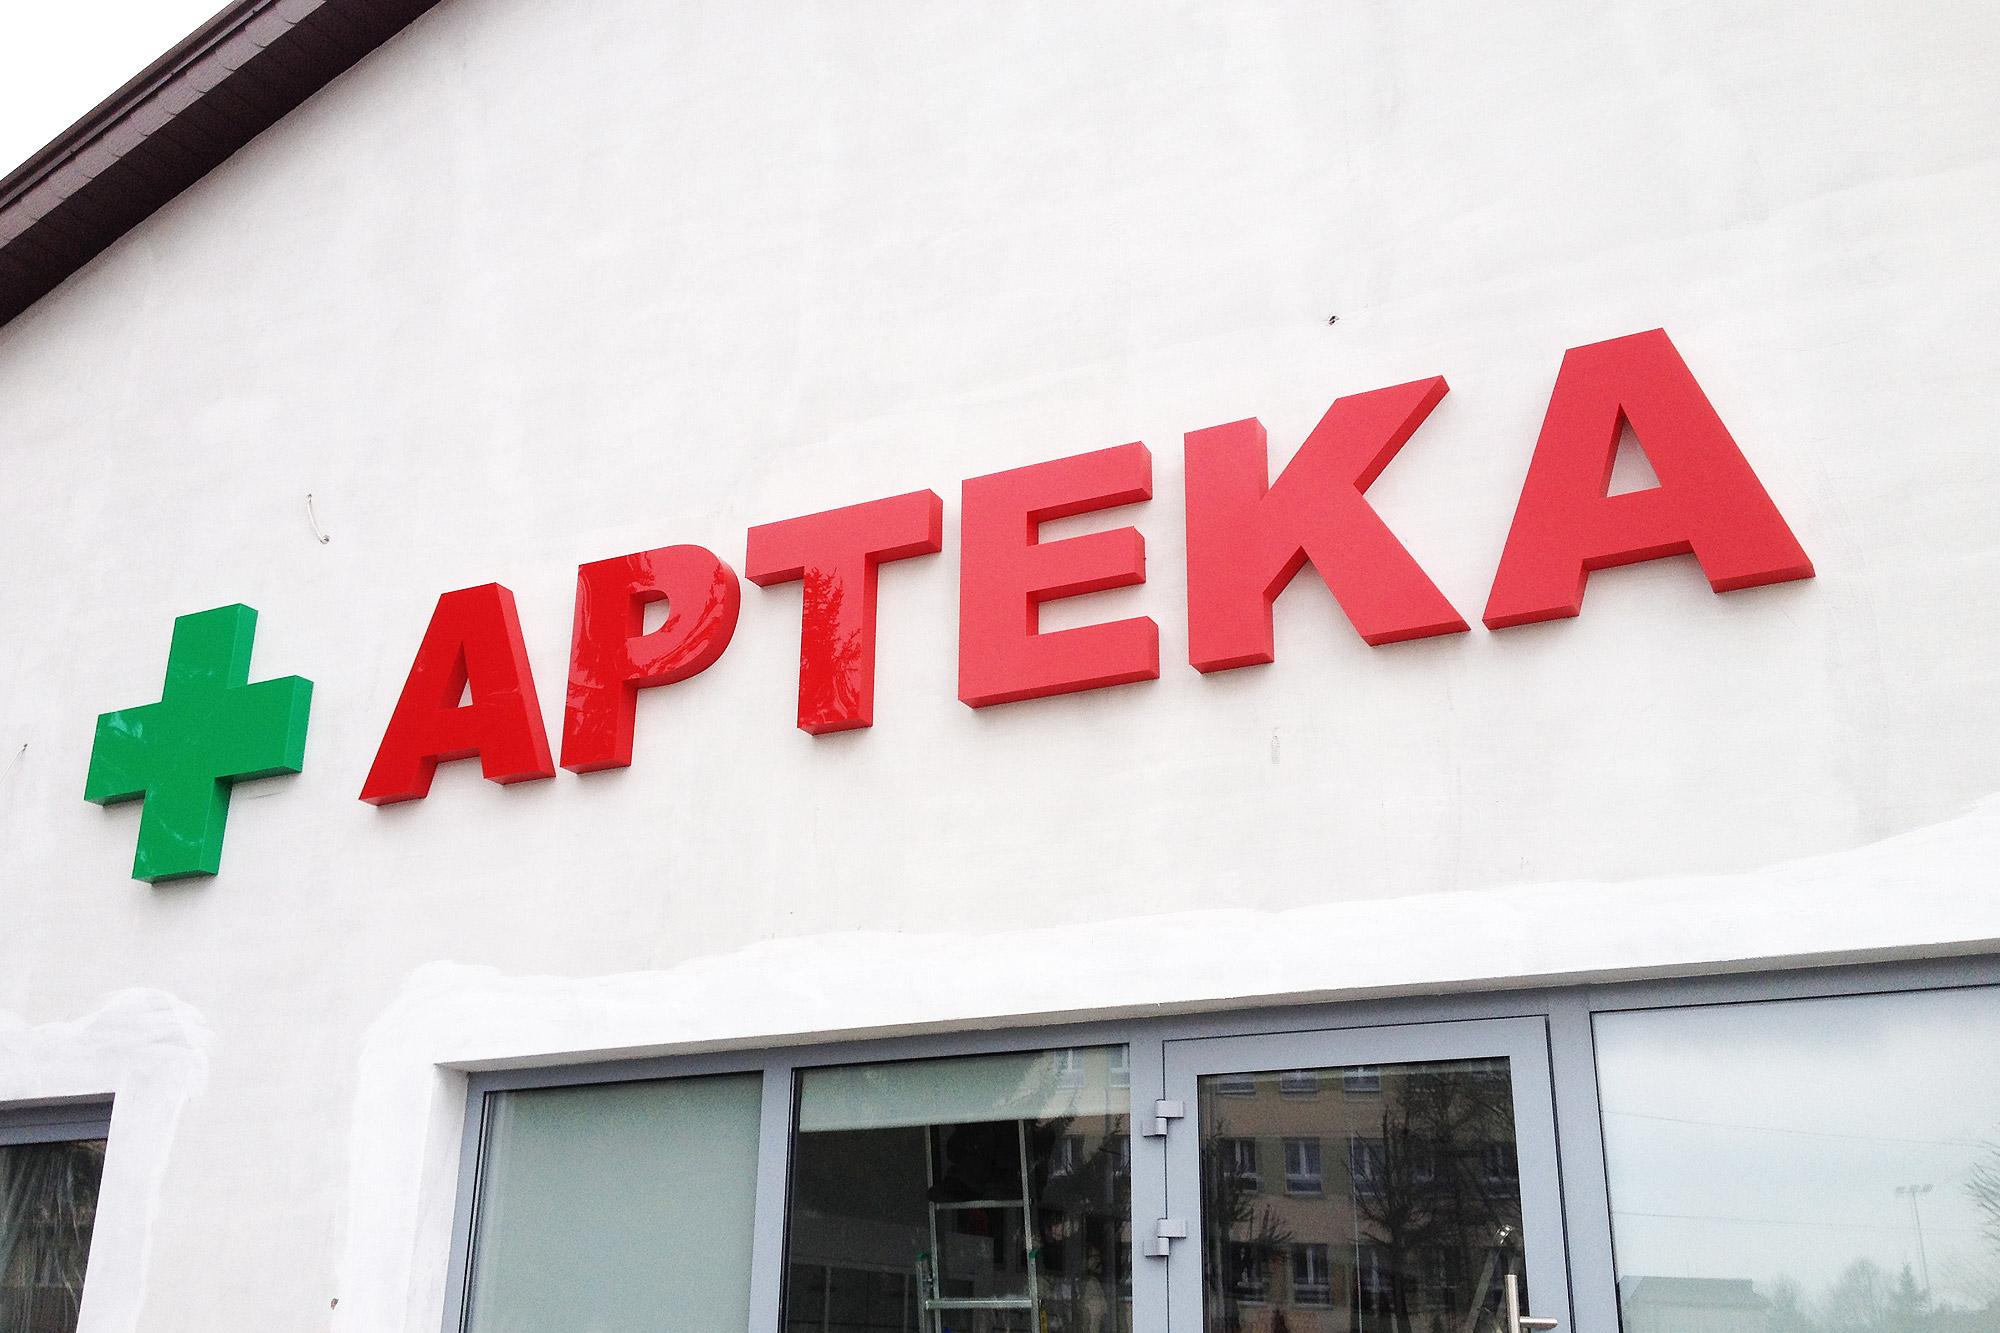 przestrzenne litery świetlne na budynek apteki